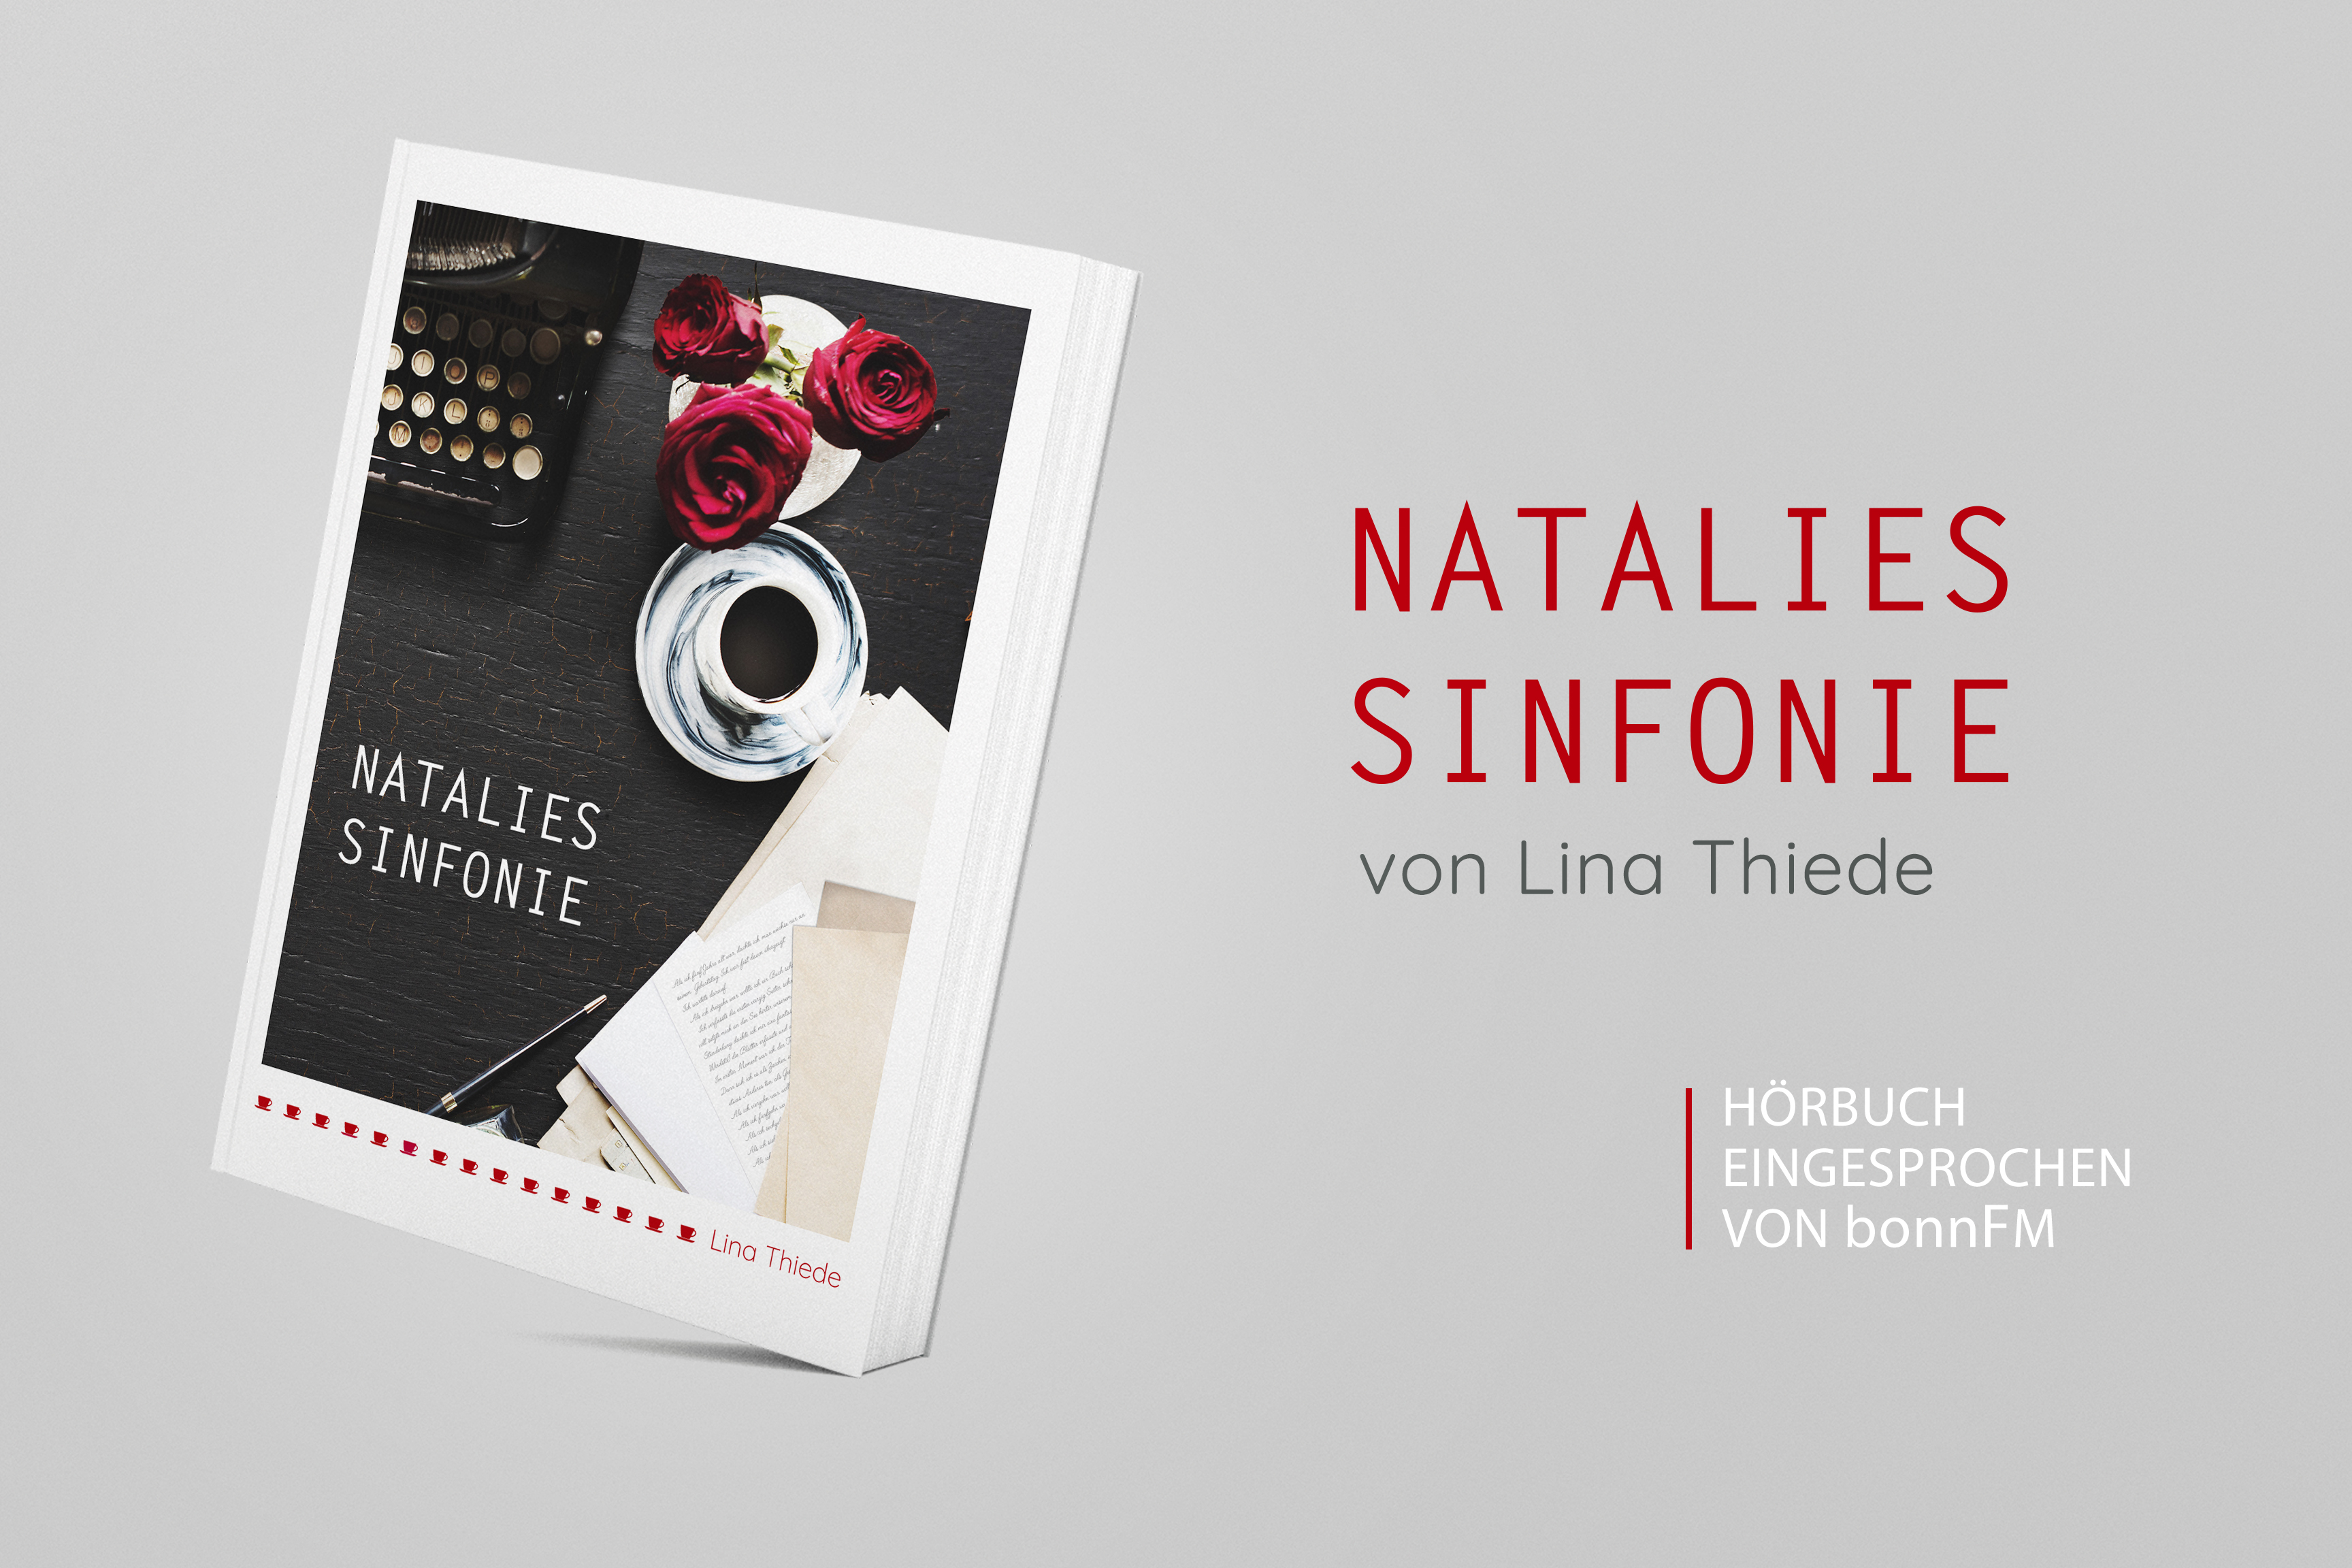 Natalies Sinfonie von Lina Thiede – Kapitel 13: Flügel